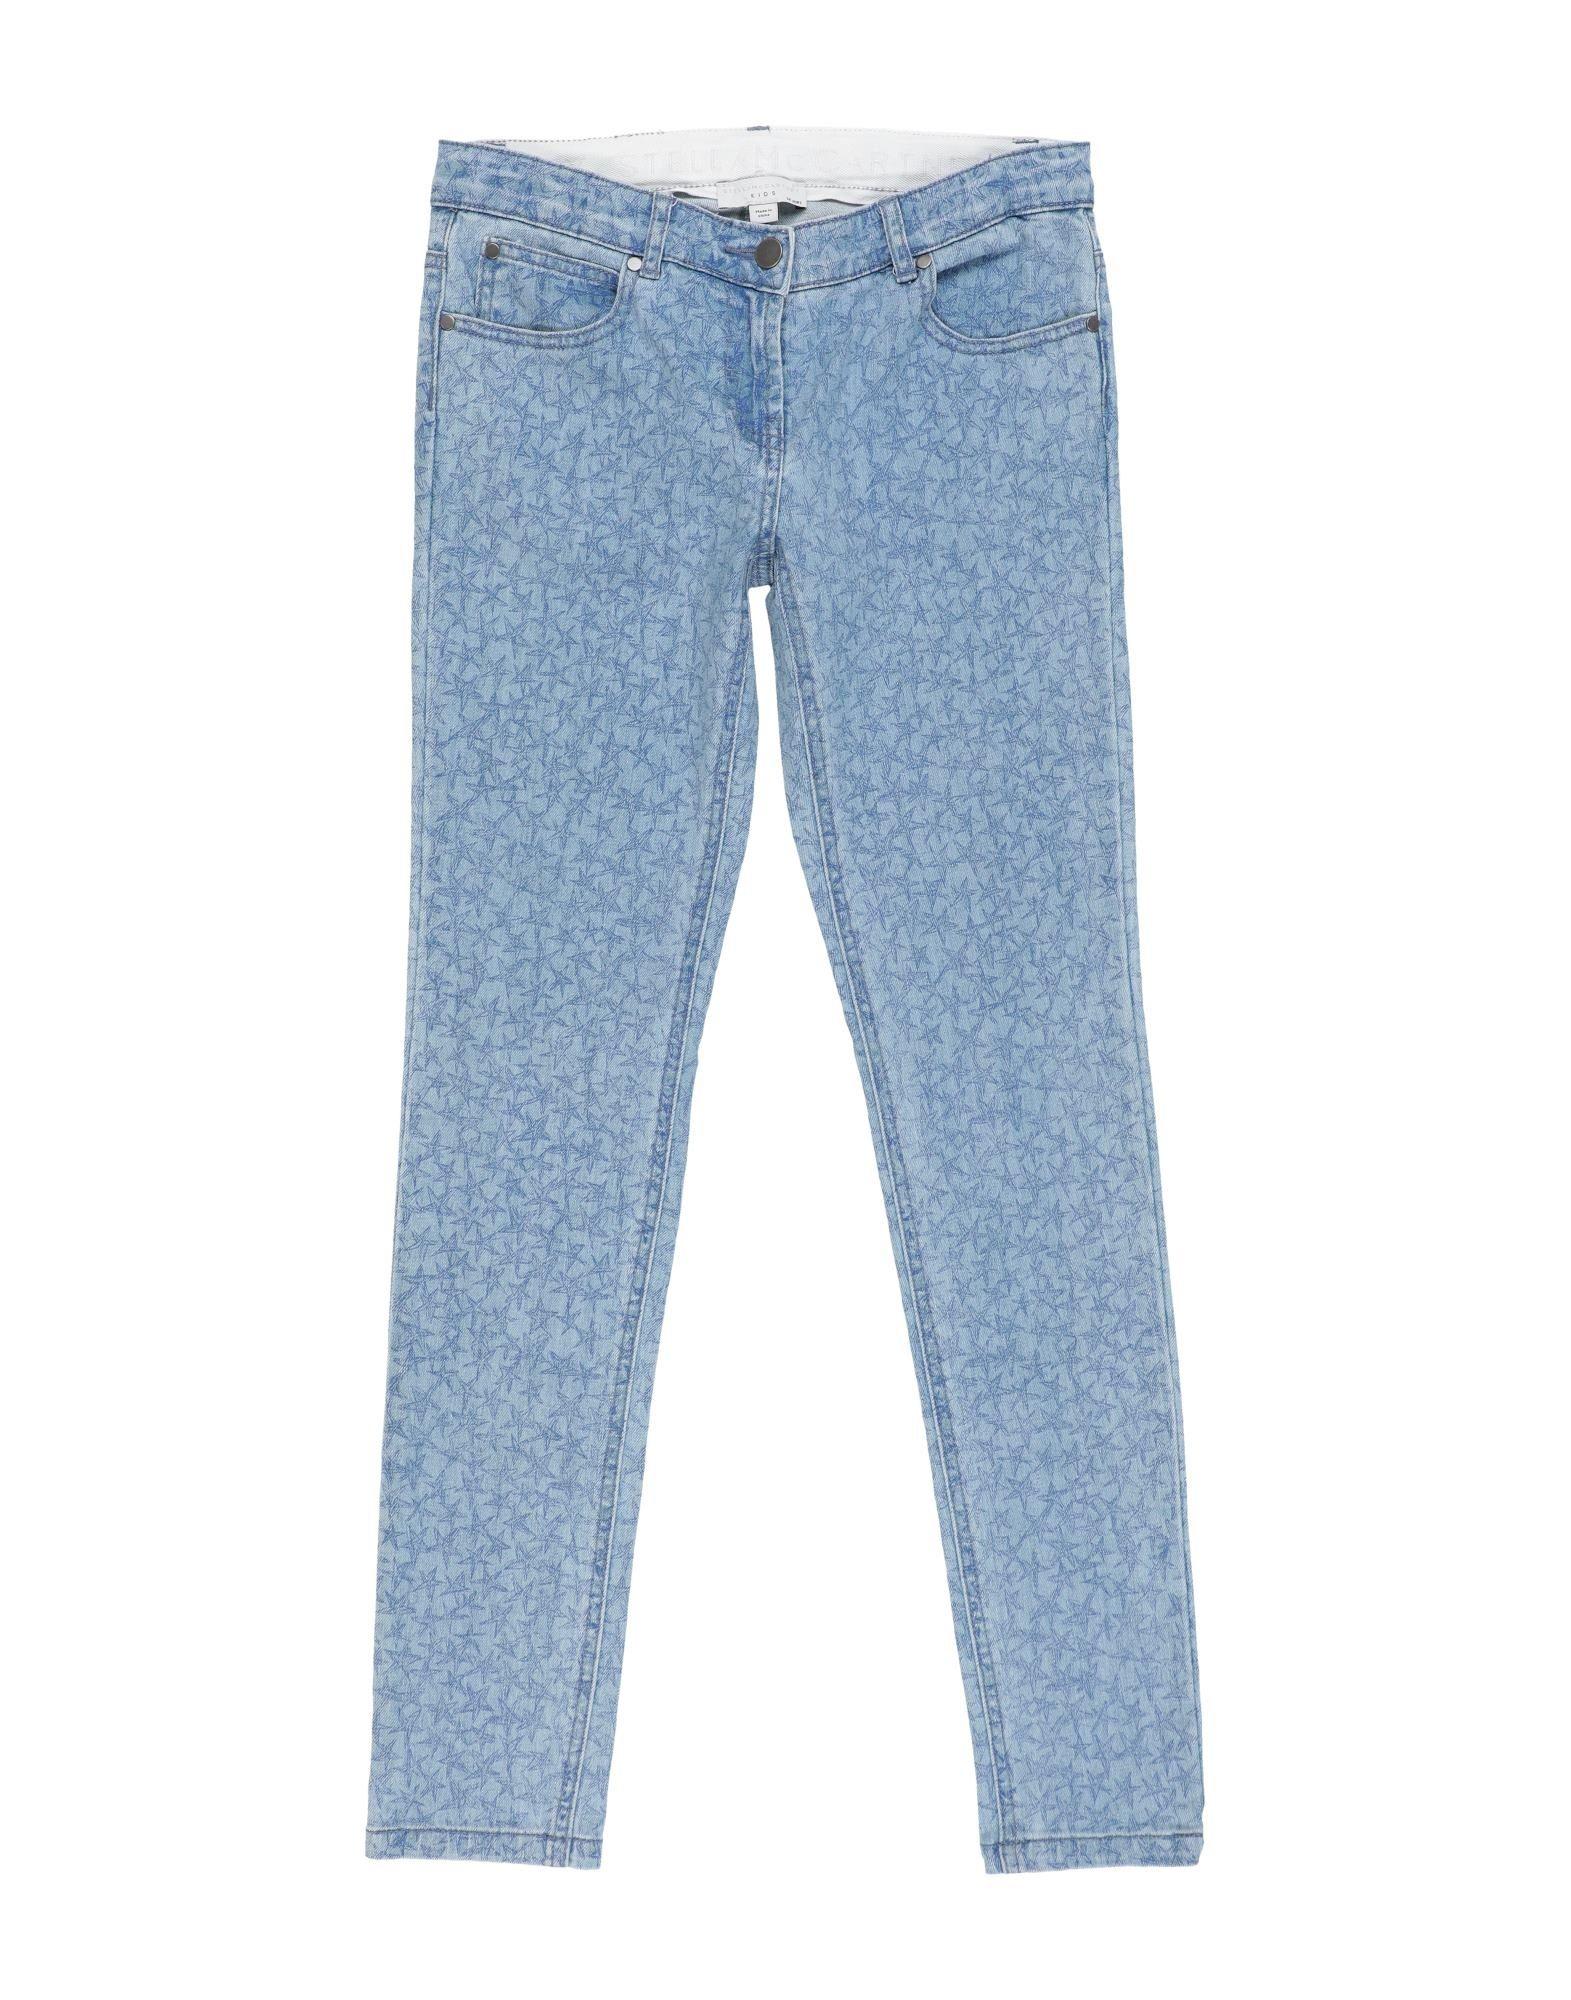 STELLA McCARTNEY KIDS Джинсовые брюки